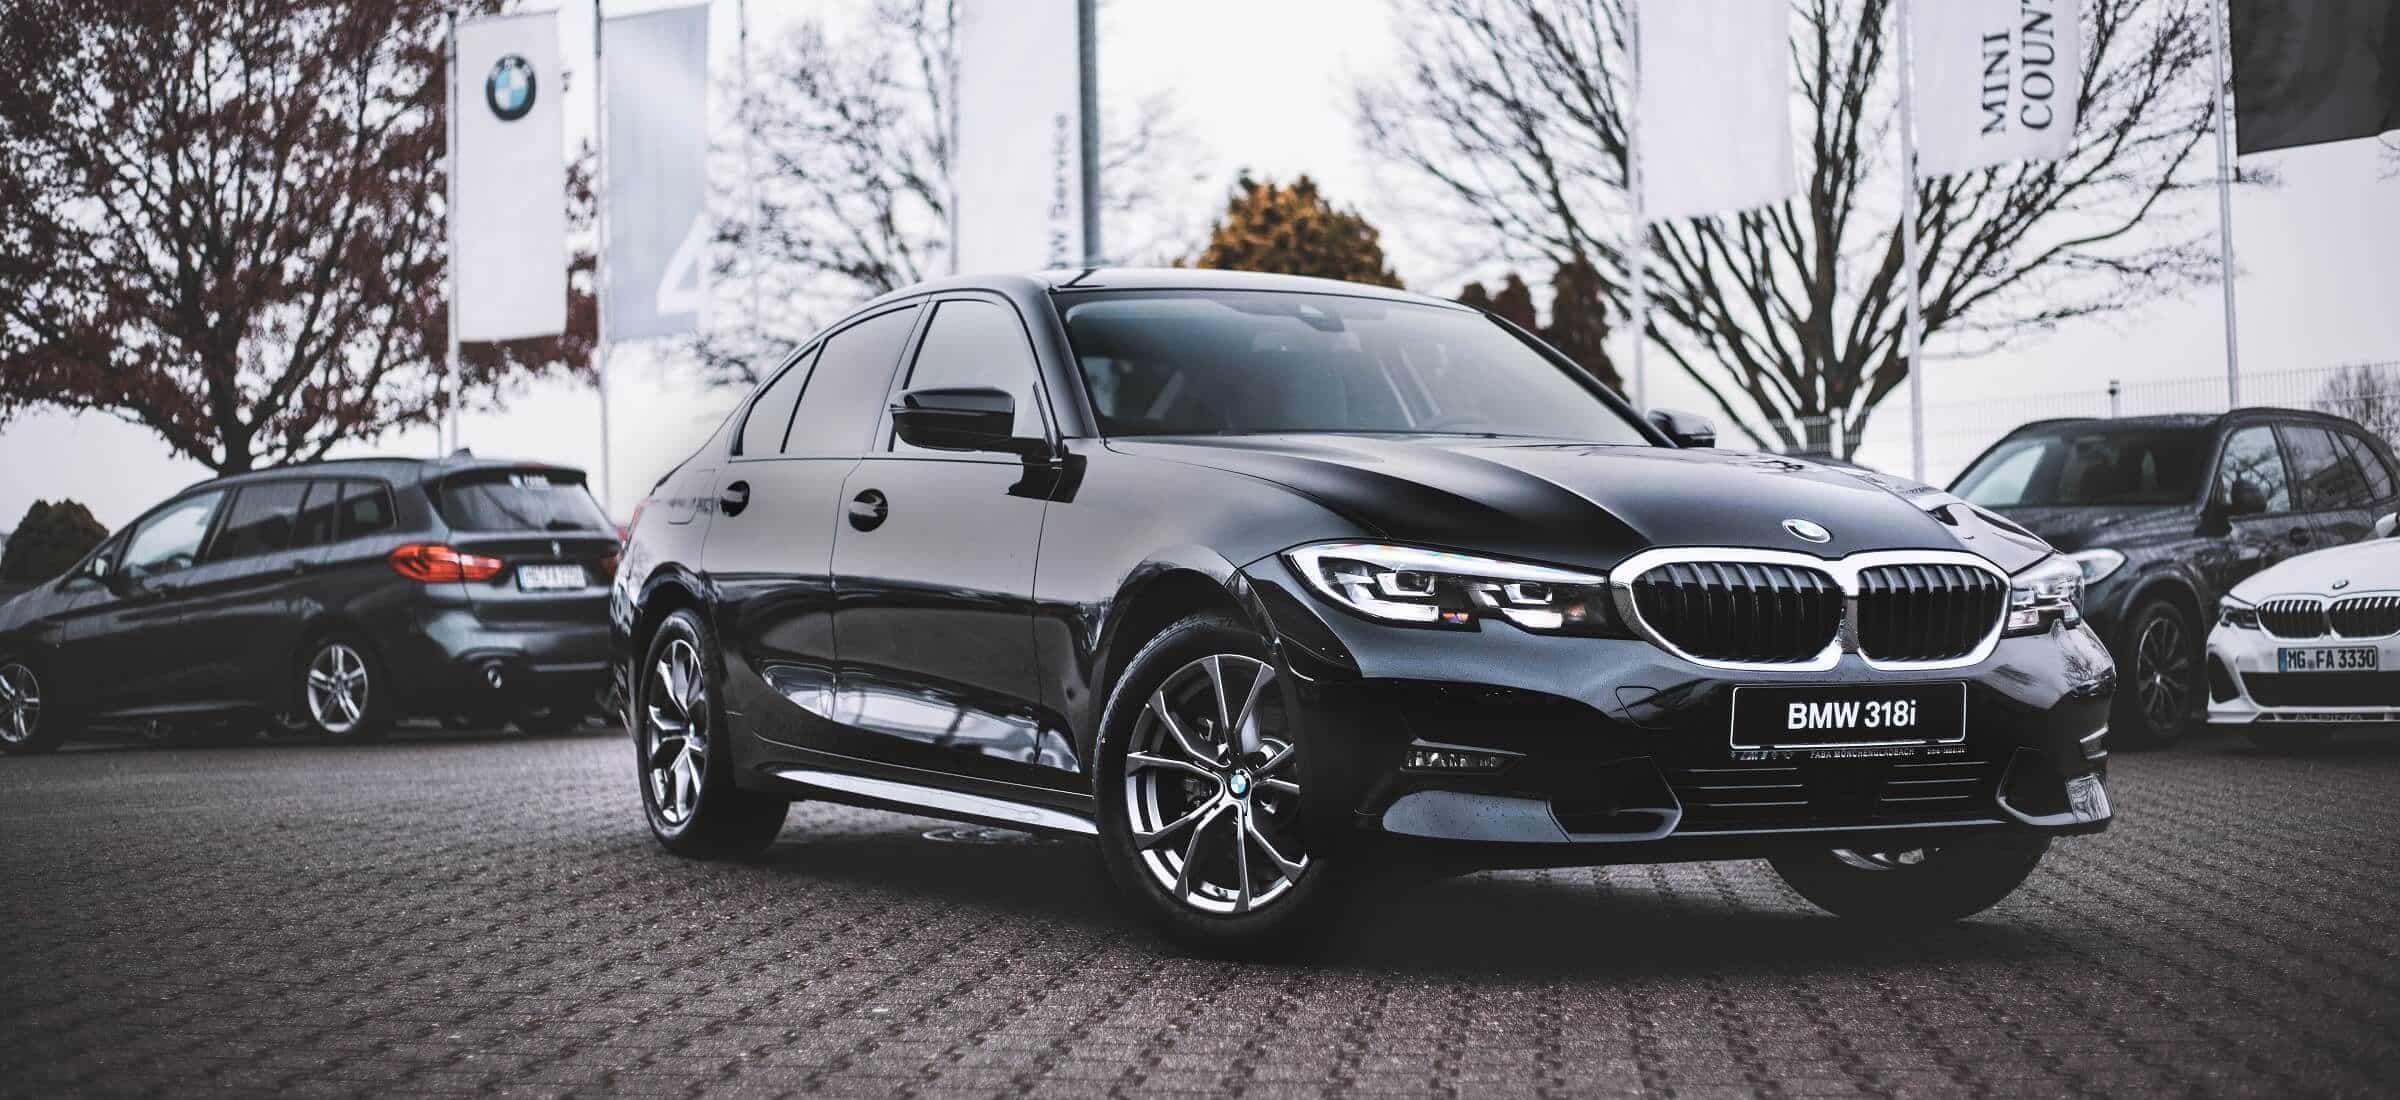 BMW 318i Limousine schwarz